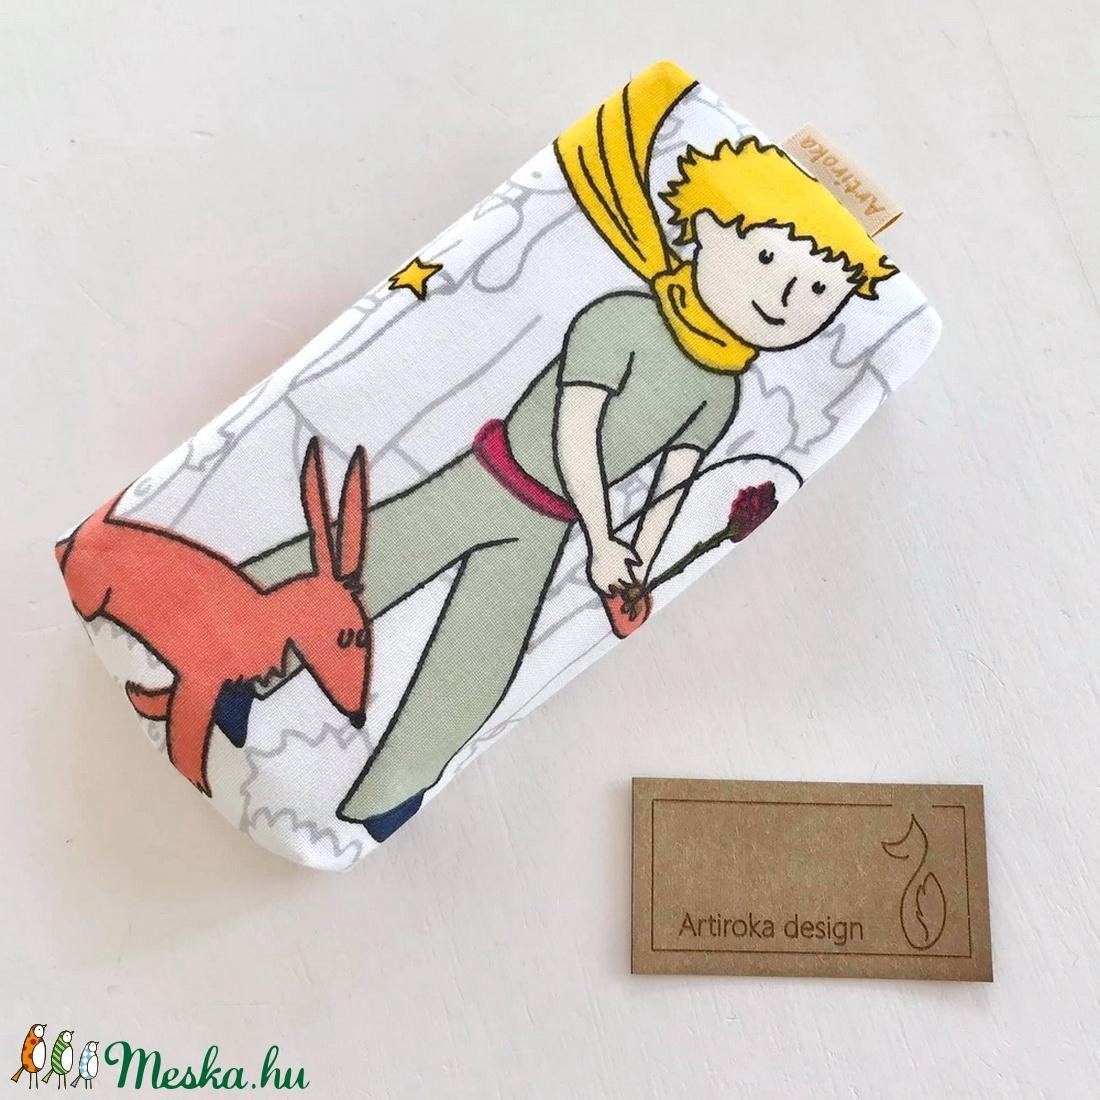 Kis herceg mintás zsebkendő tartó  - Artiroka design - táska & tok - pénztárca & más tok - zsebkendőtartó tok - Meska.hu